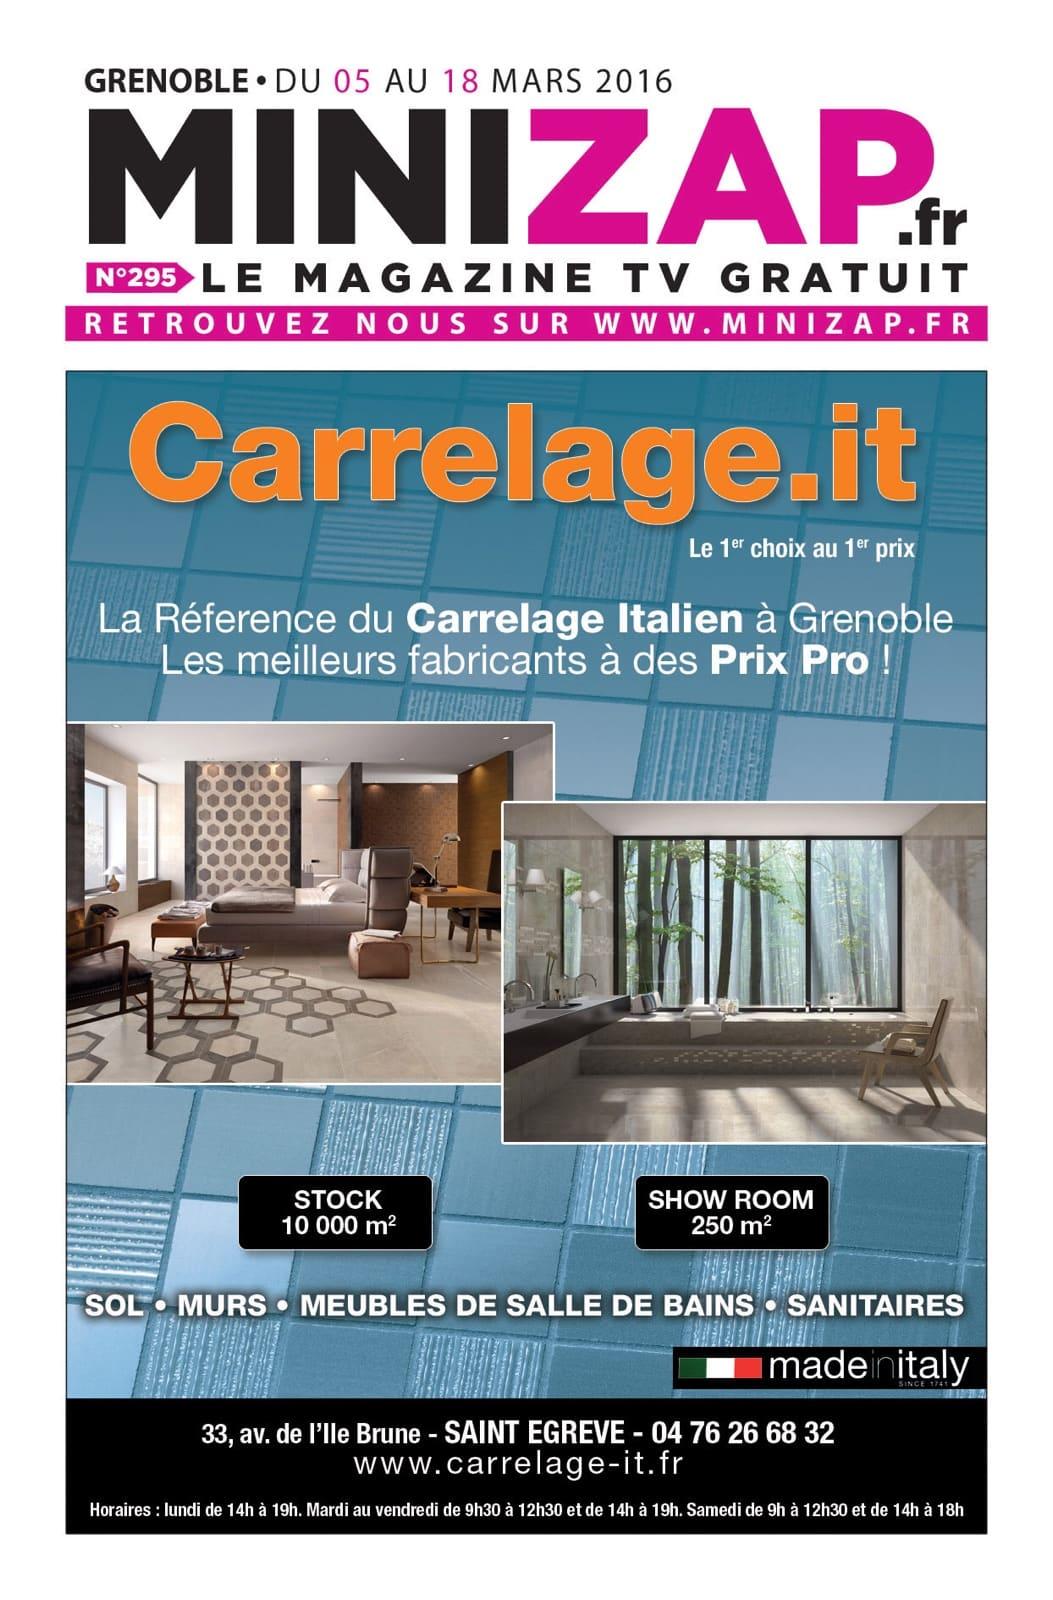 Salle De Bain Saint Egreve ~ Publicit Mini Zap Mars 2016 Carrelage It